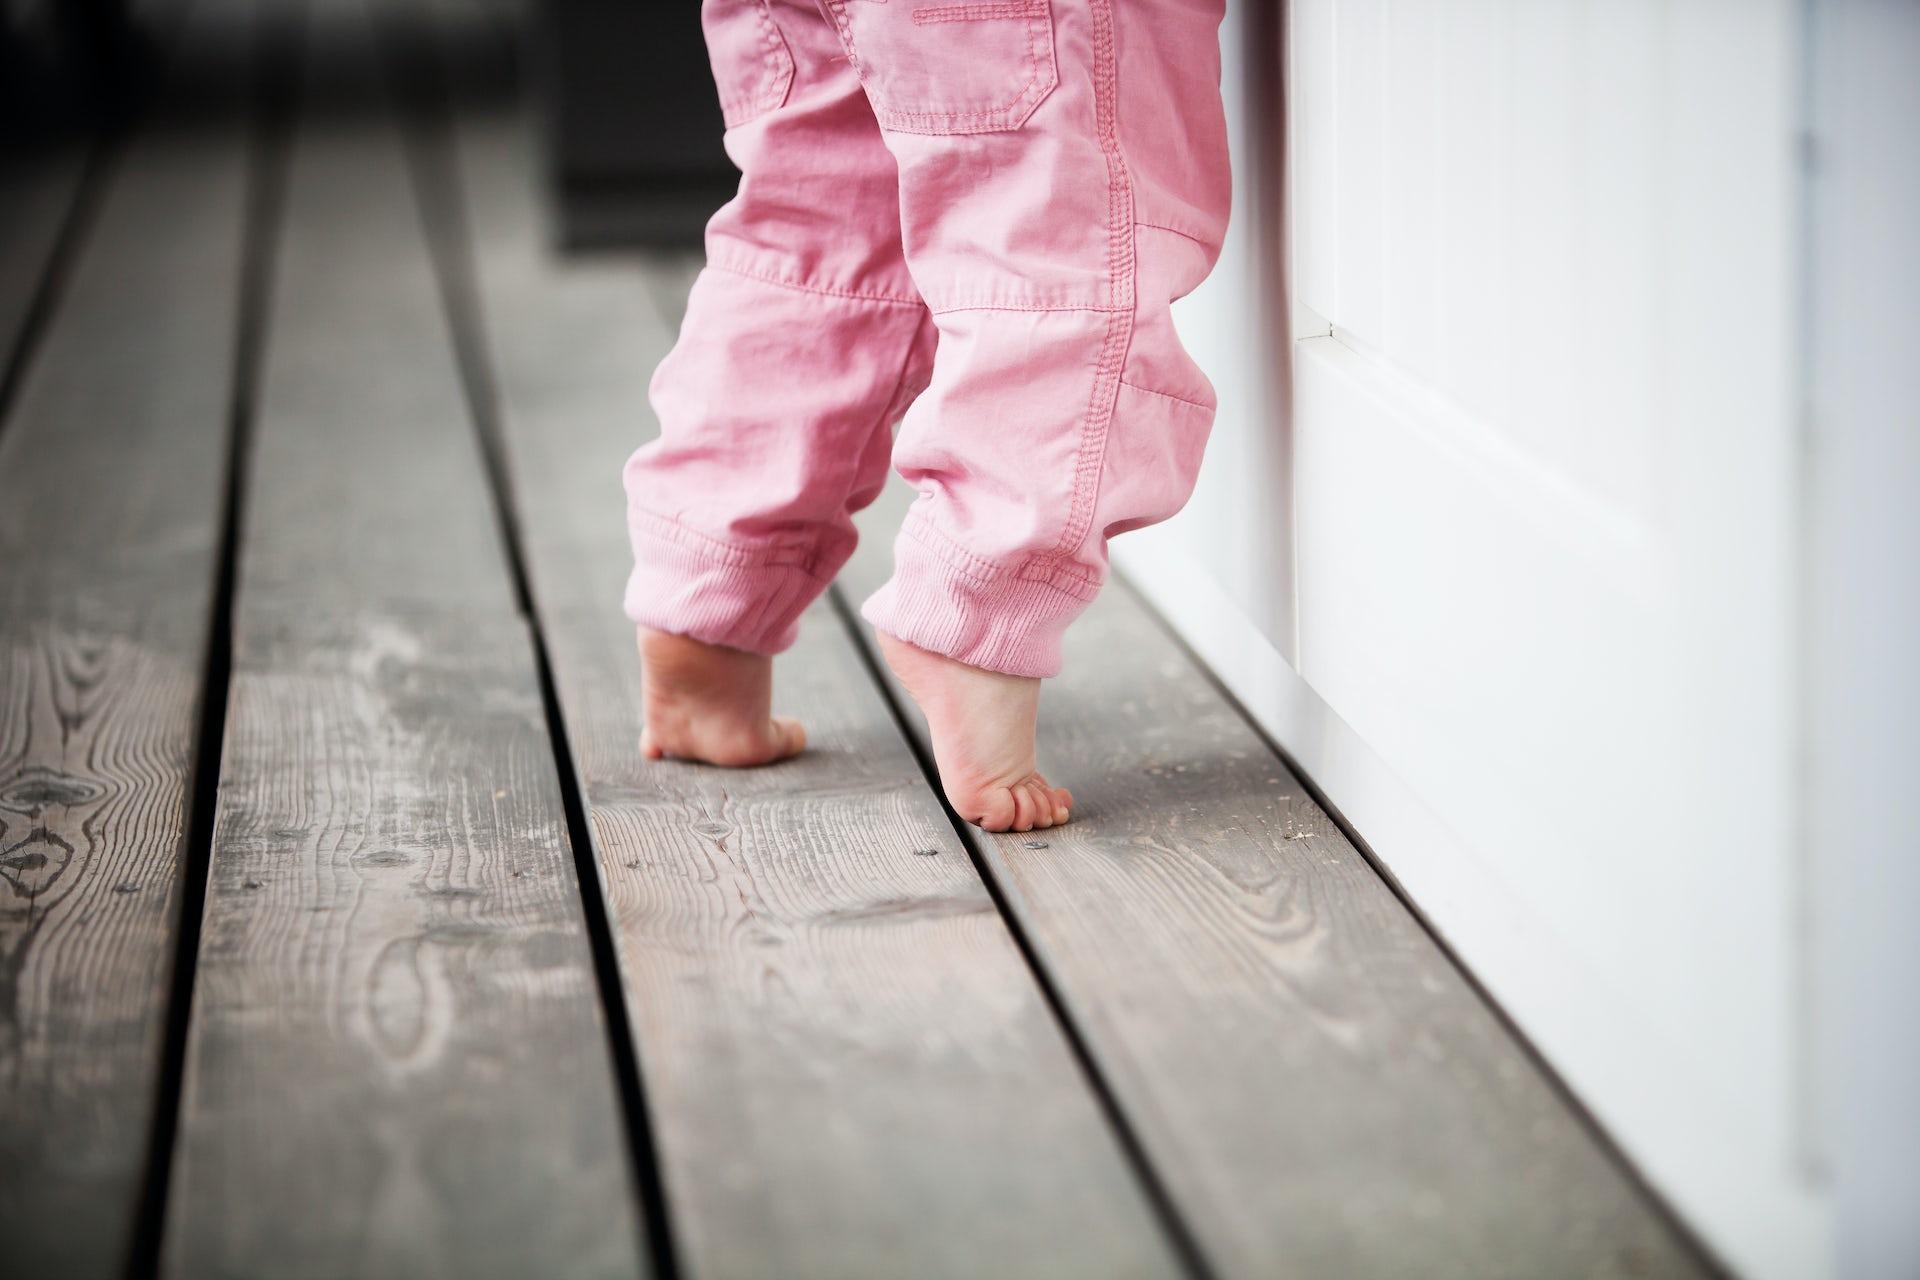 toddler-walking-on-toes